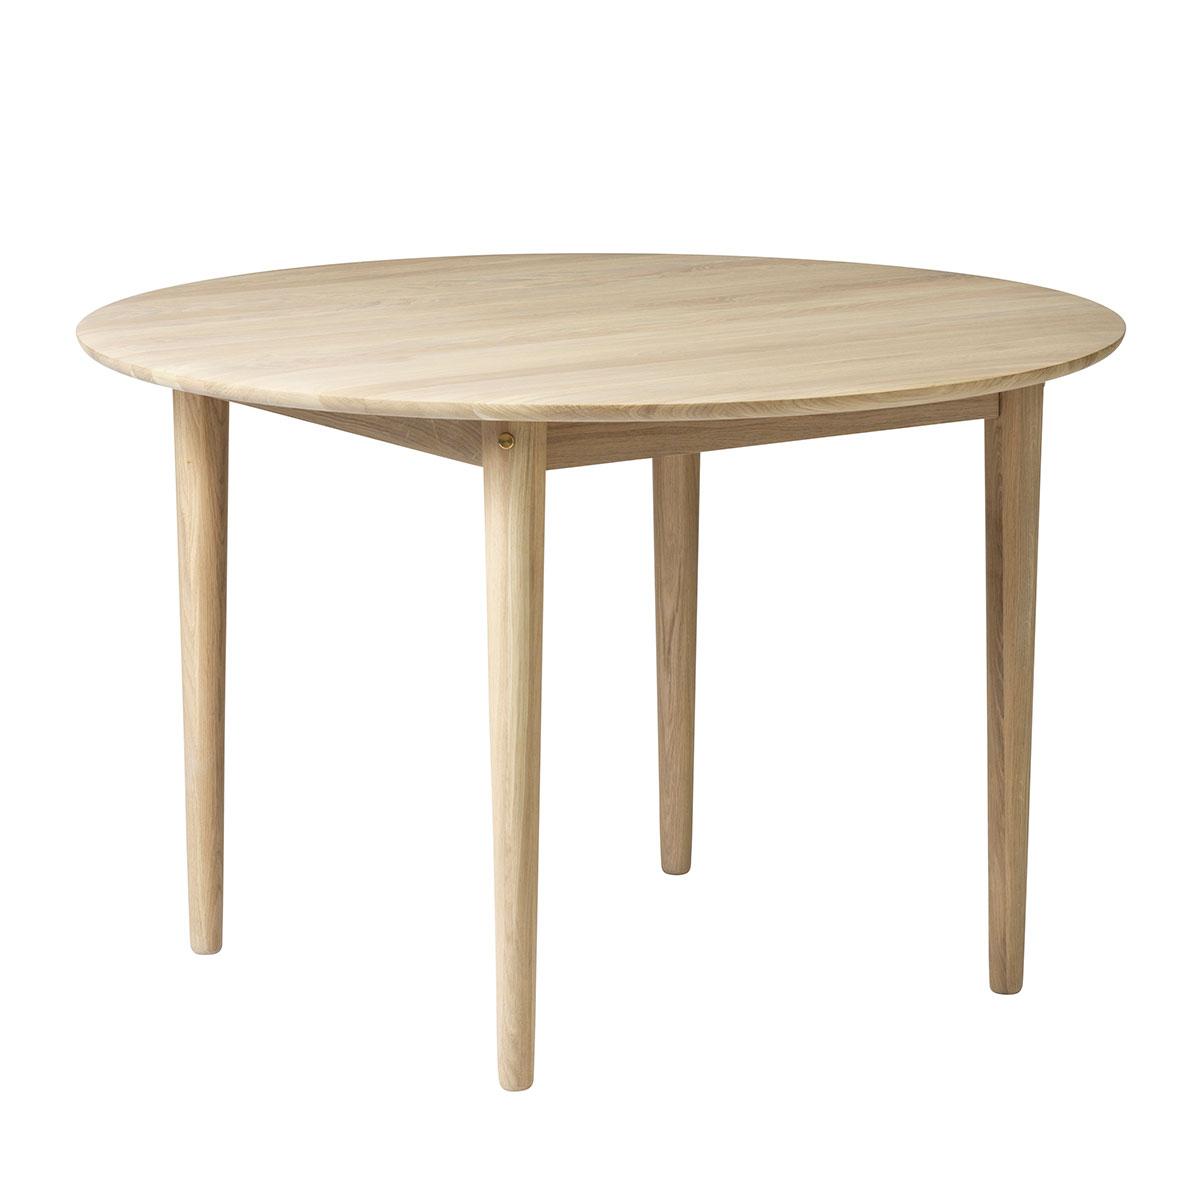 rundt bord Unit10 rundt spisebord   C62 Bjørk   Natur   FDB Borde   FDB  rundt bord